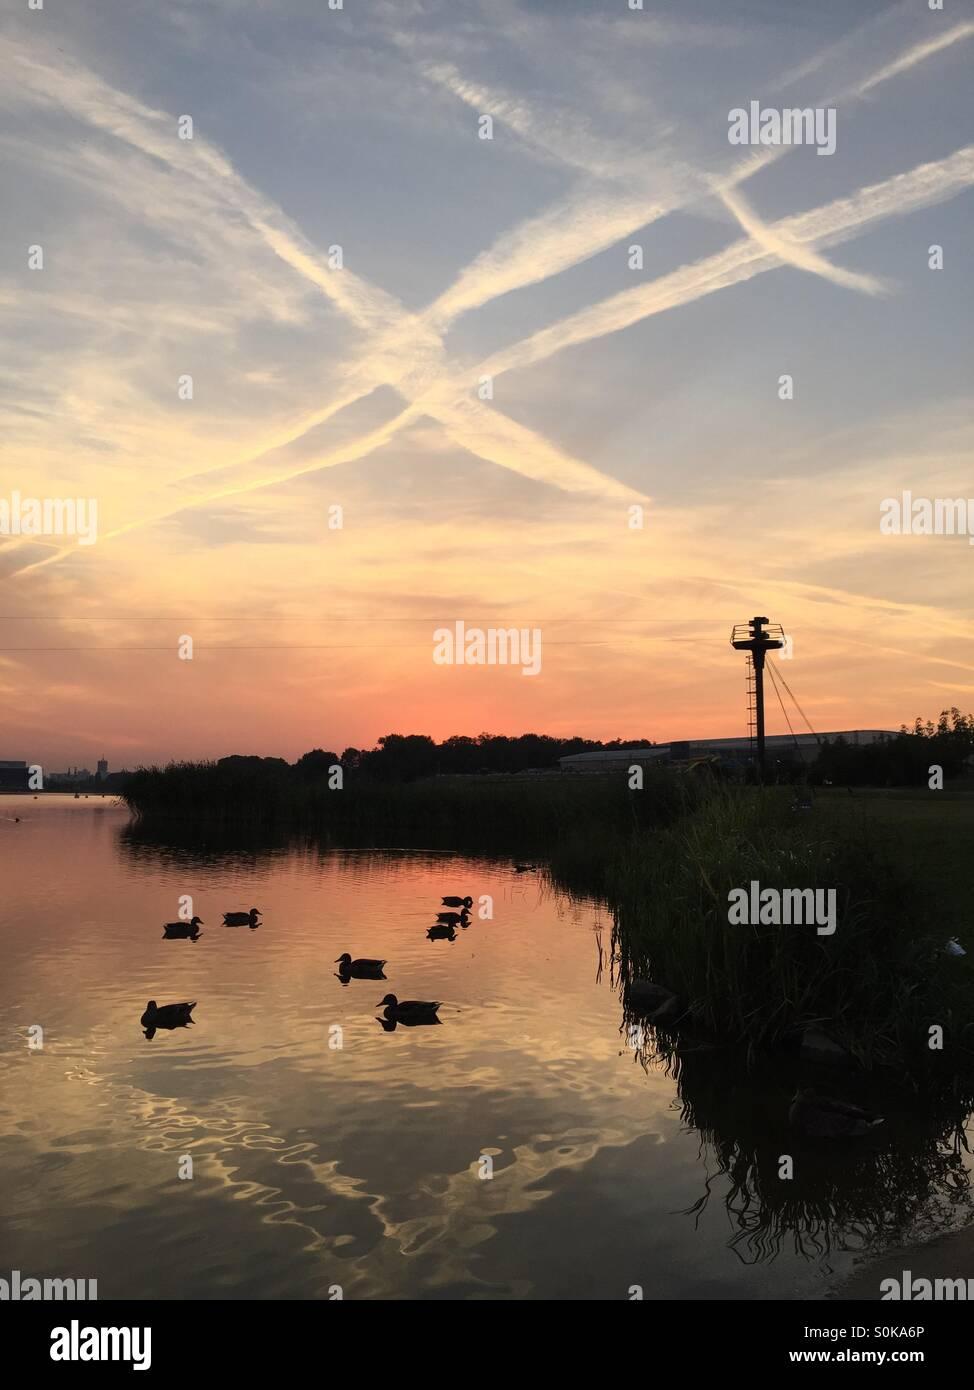 Coucher de soleil sur le lac Malta Poznan, Pologne Photo Stock